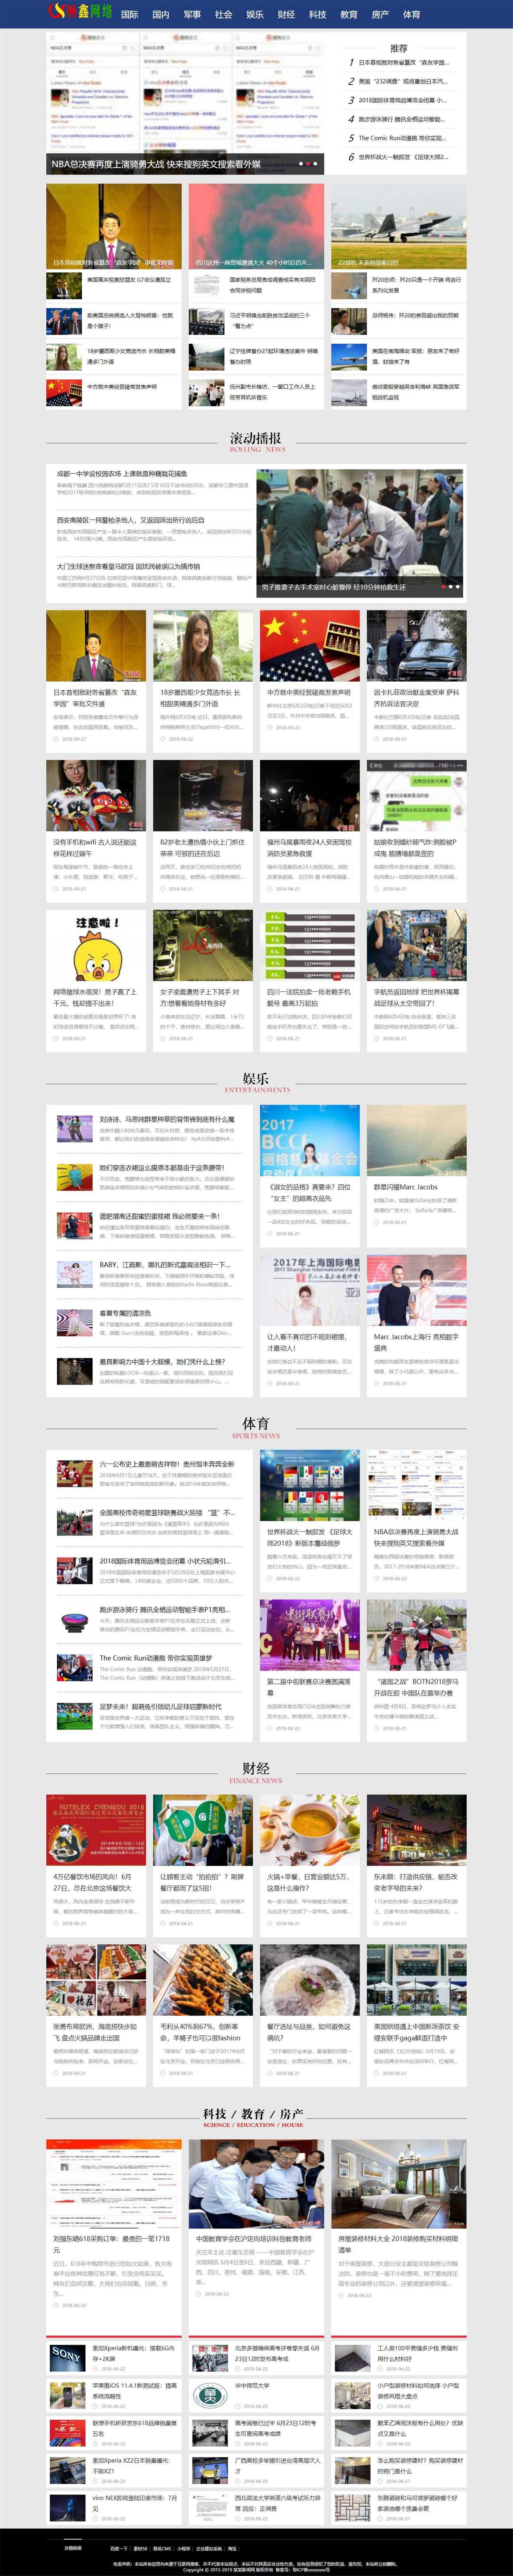 【J015】社会娱乐新闻网类网站MIP模板